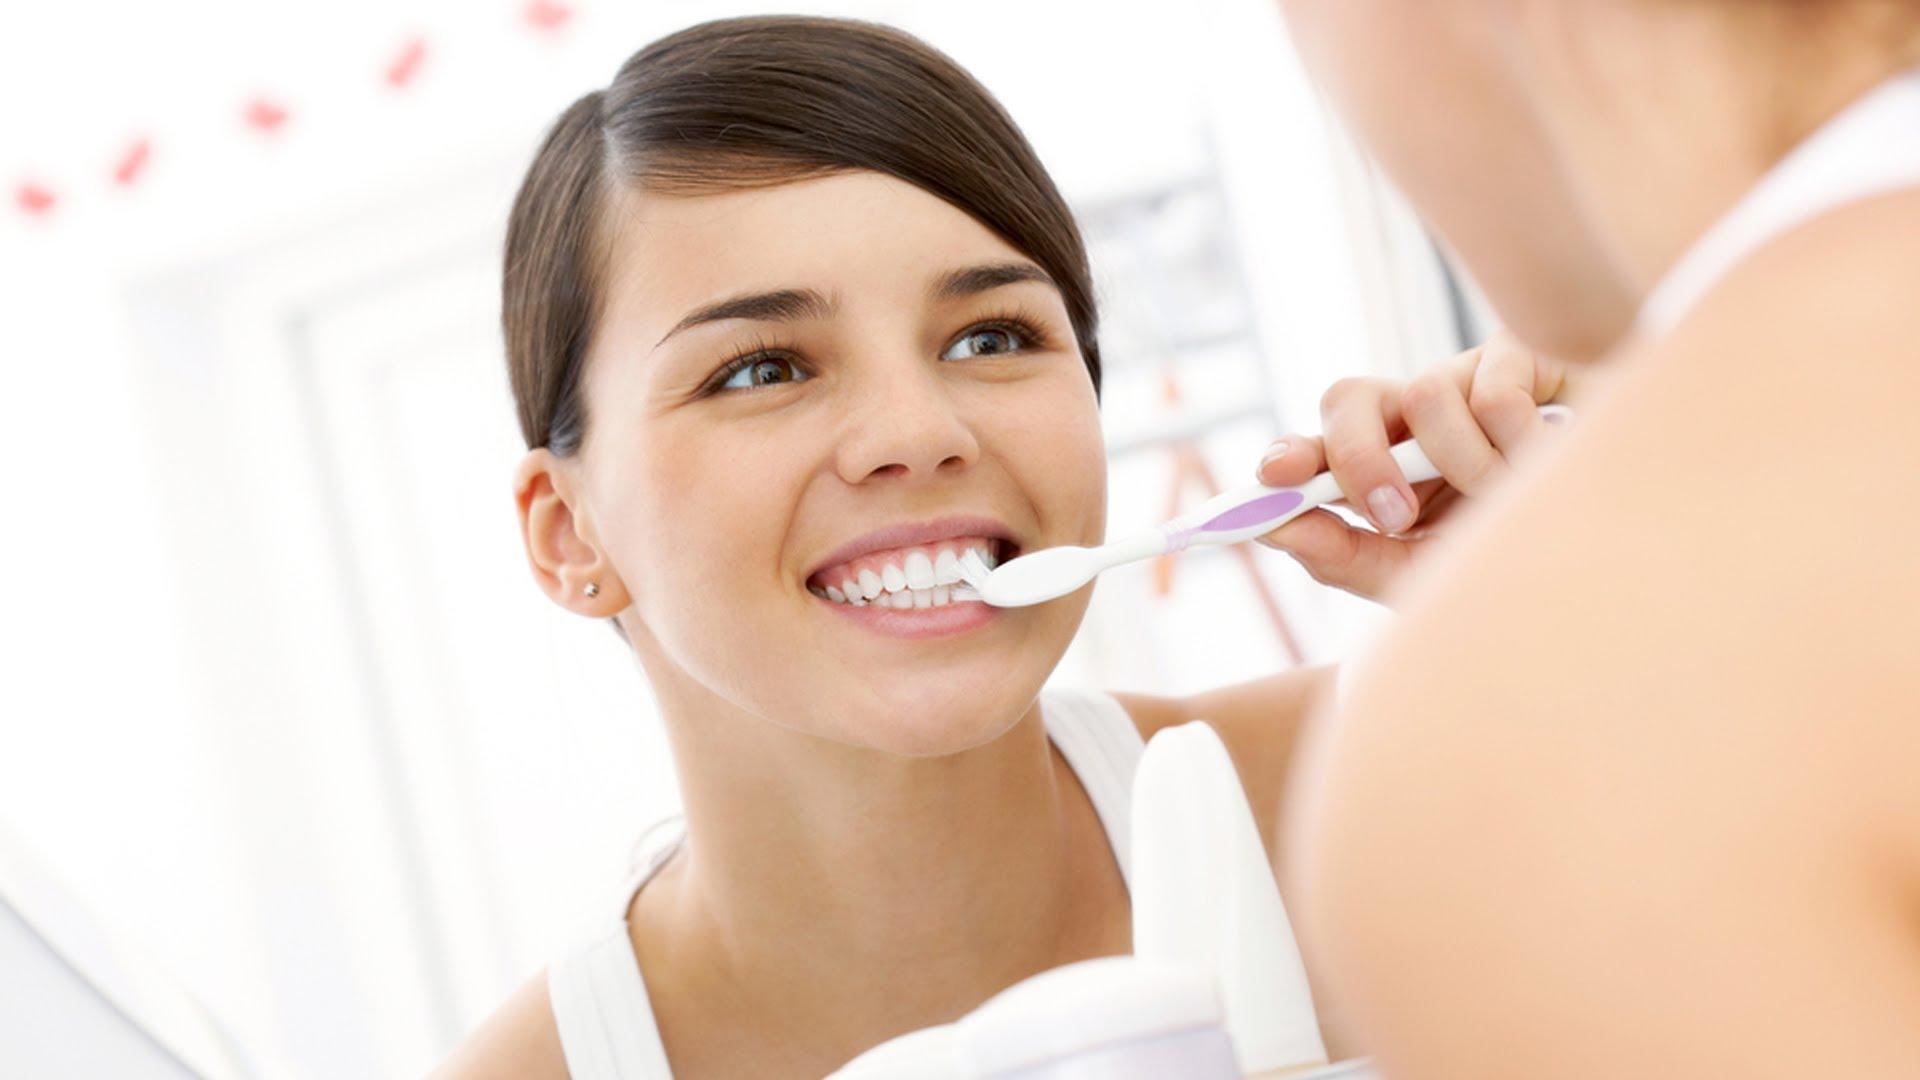 Как убрать зубной камень в домашних условиях перекисью водорода